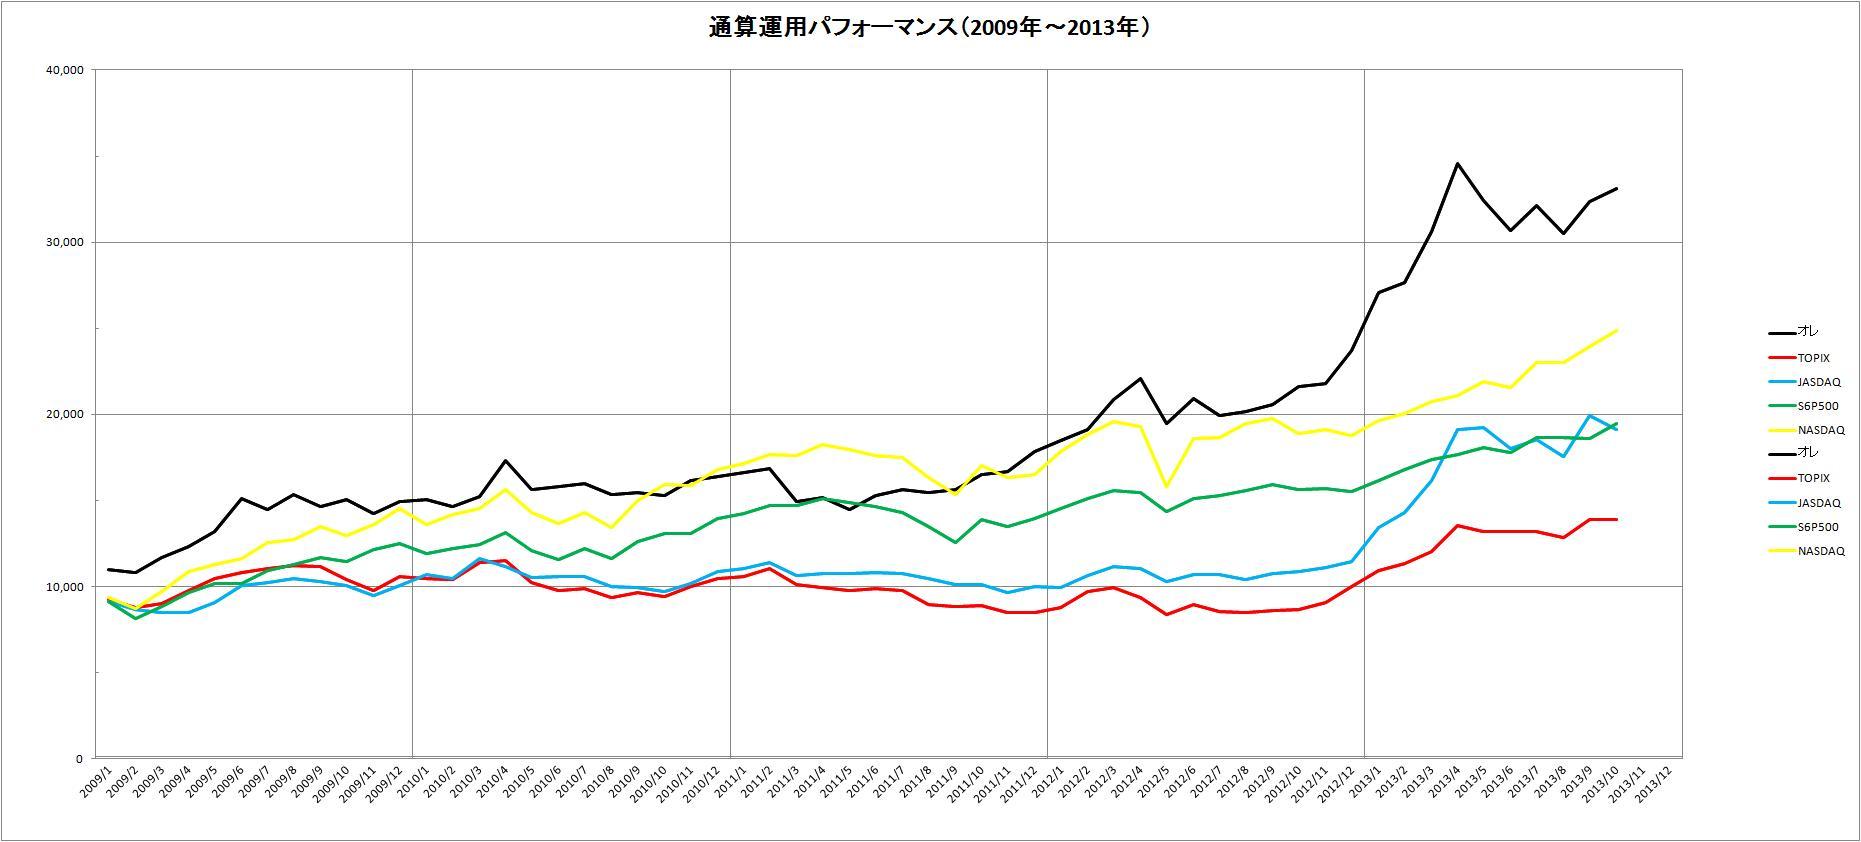 通算パフォーマンス(2009~2013年)_10月